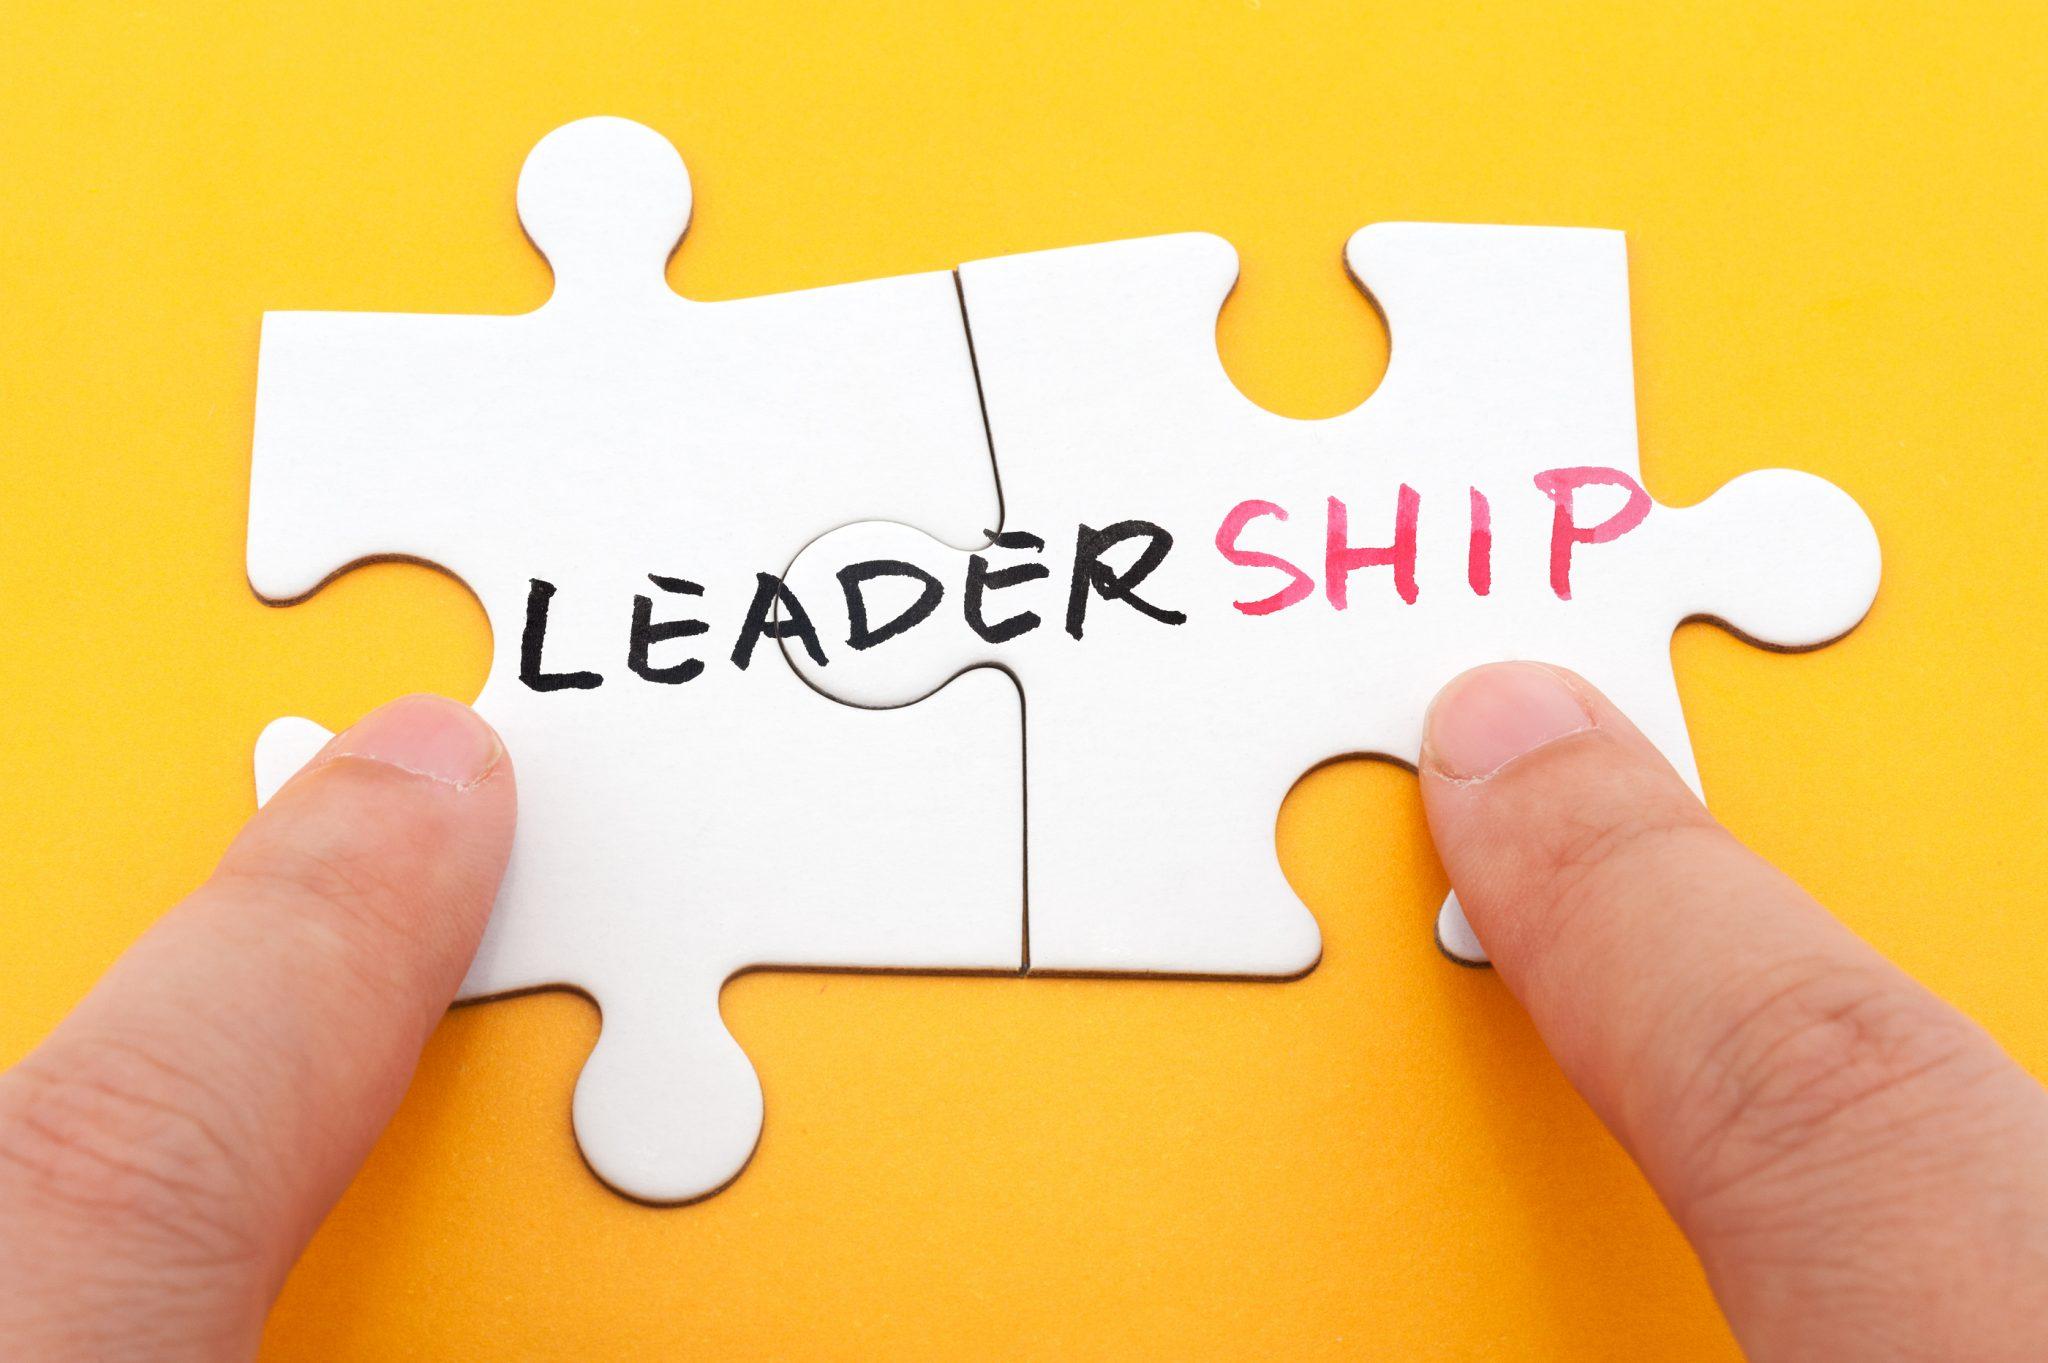 Stili di leadership: 5 chiavi per ispirare leadership